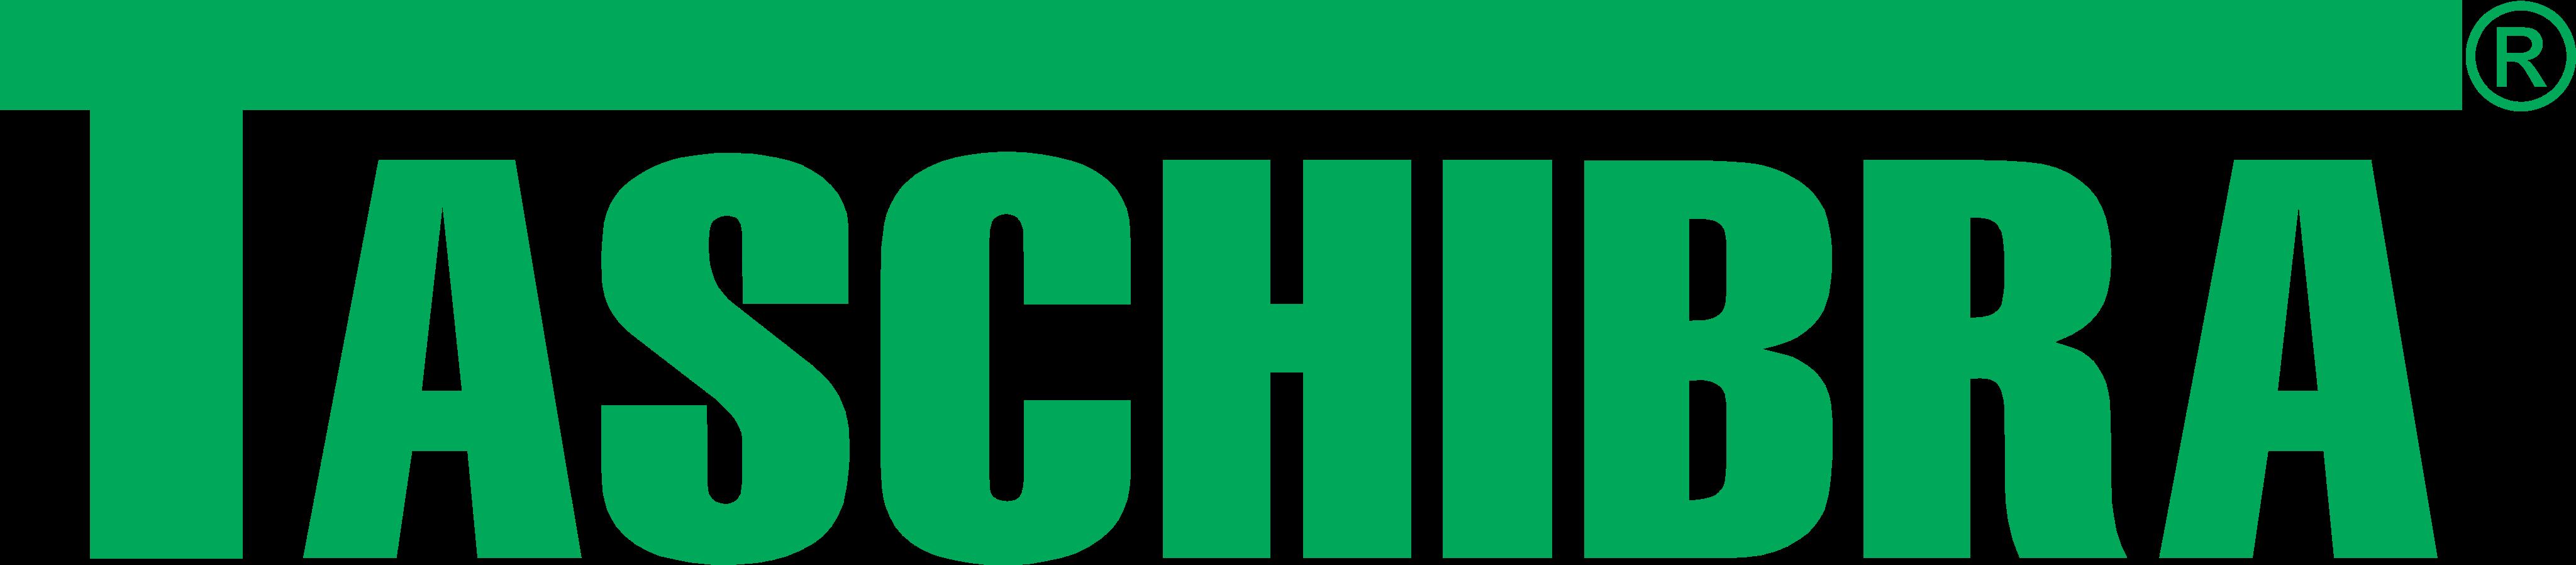 taschibra-logo-1